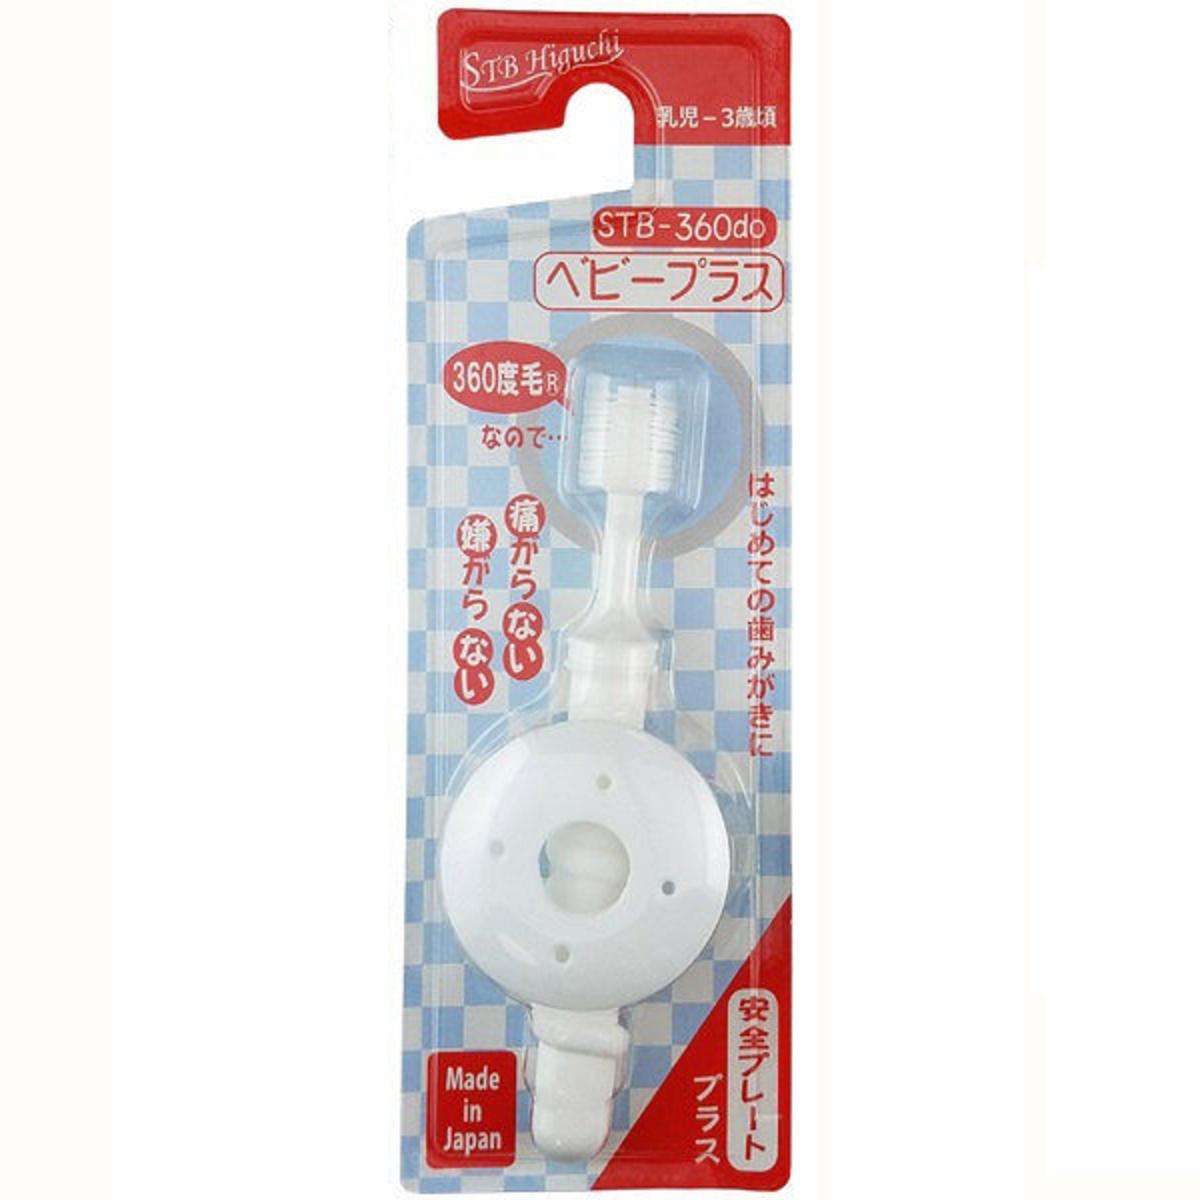 蒲公英 360do SBAP-A 嬰兒升級檔板牙刷 (顏色隨機發貨)  x1支